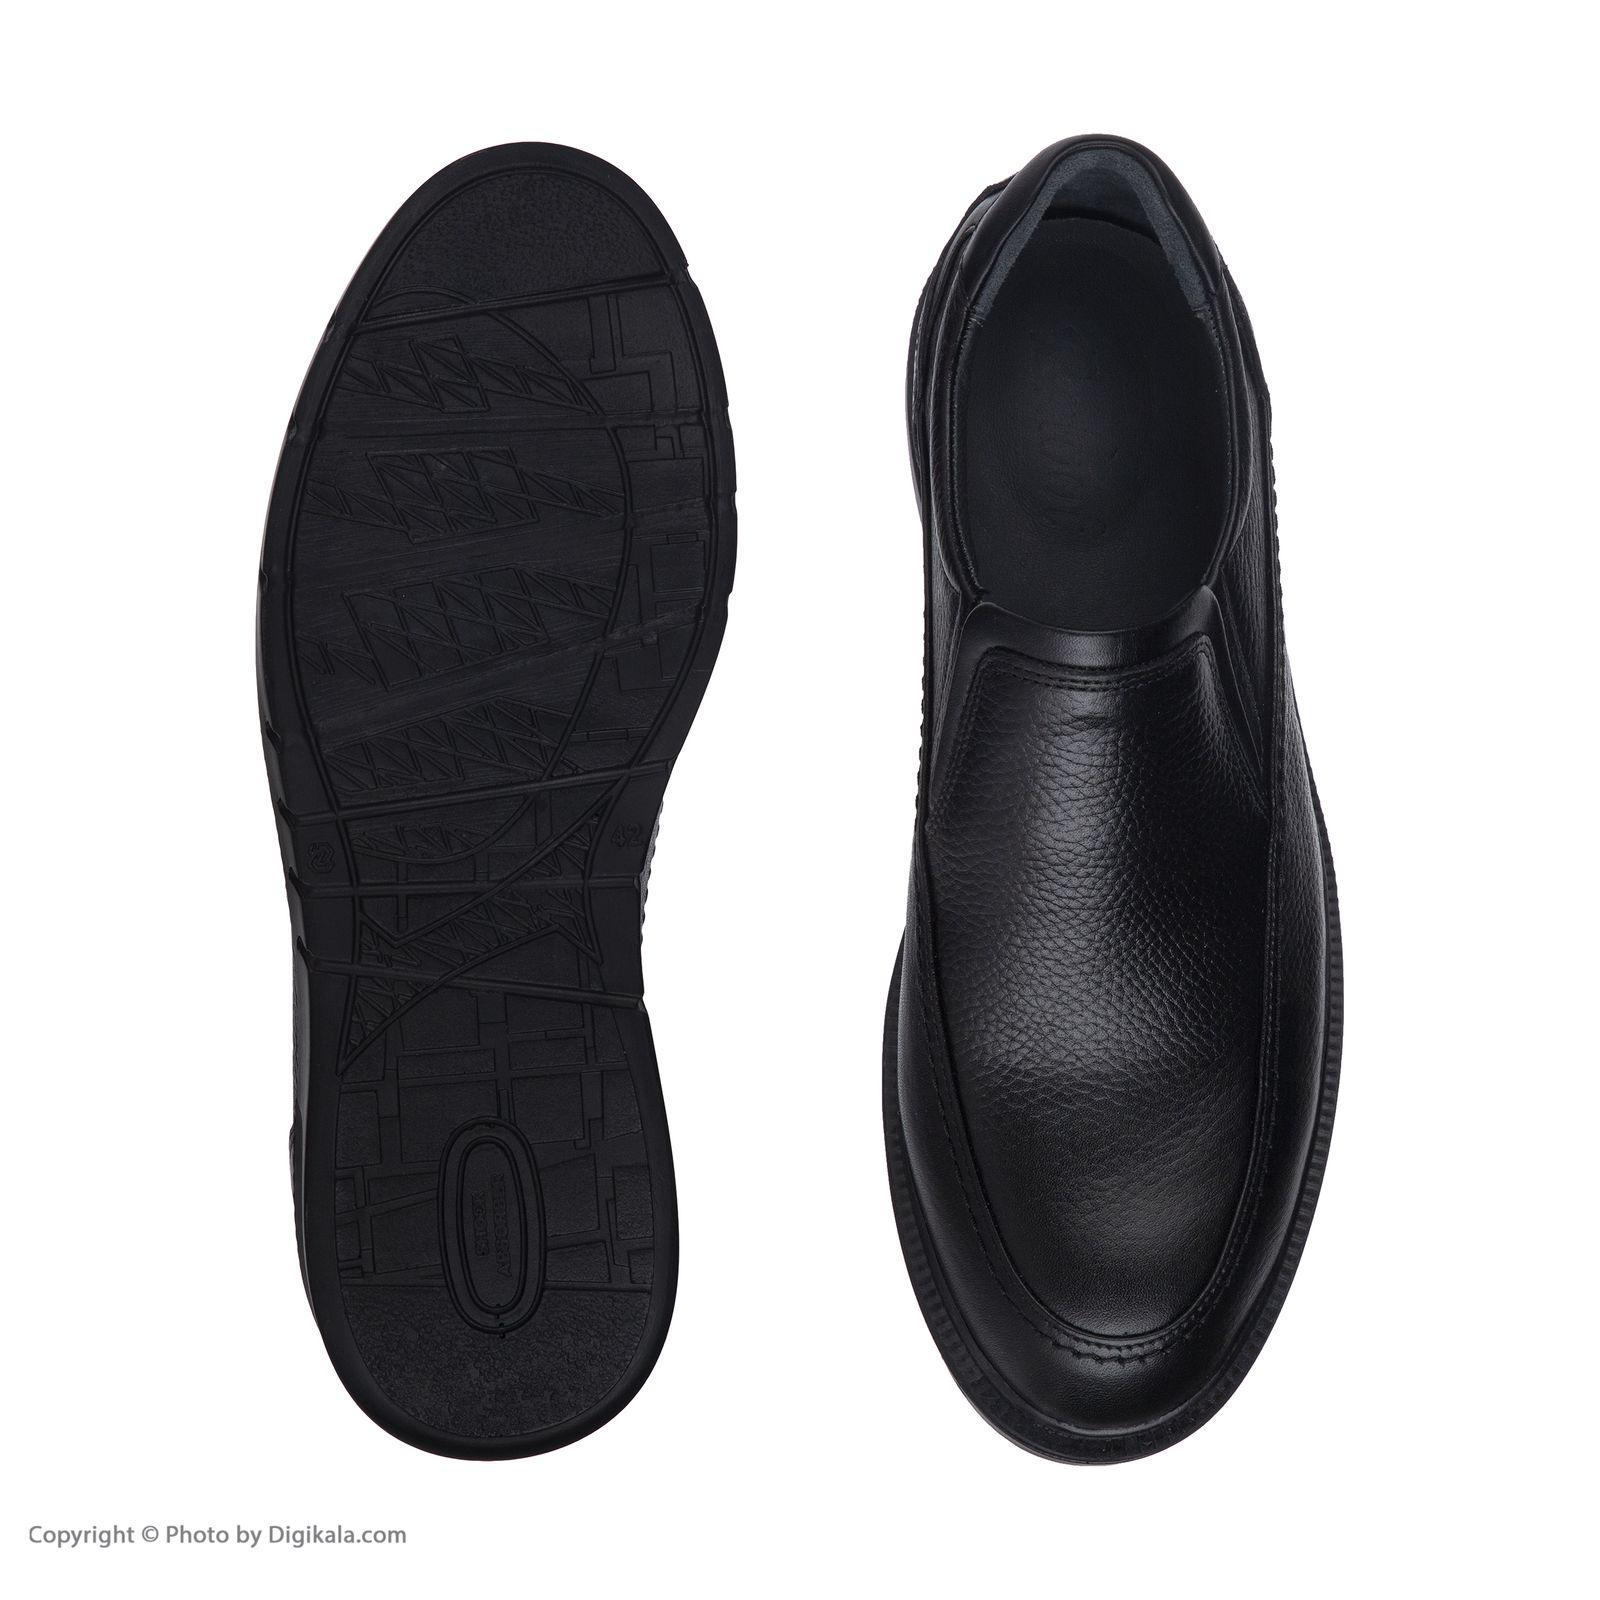 کفش روزمره مردانه بلوط مدل 7240A503101 -  - 4